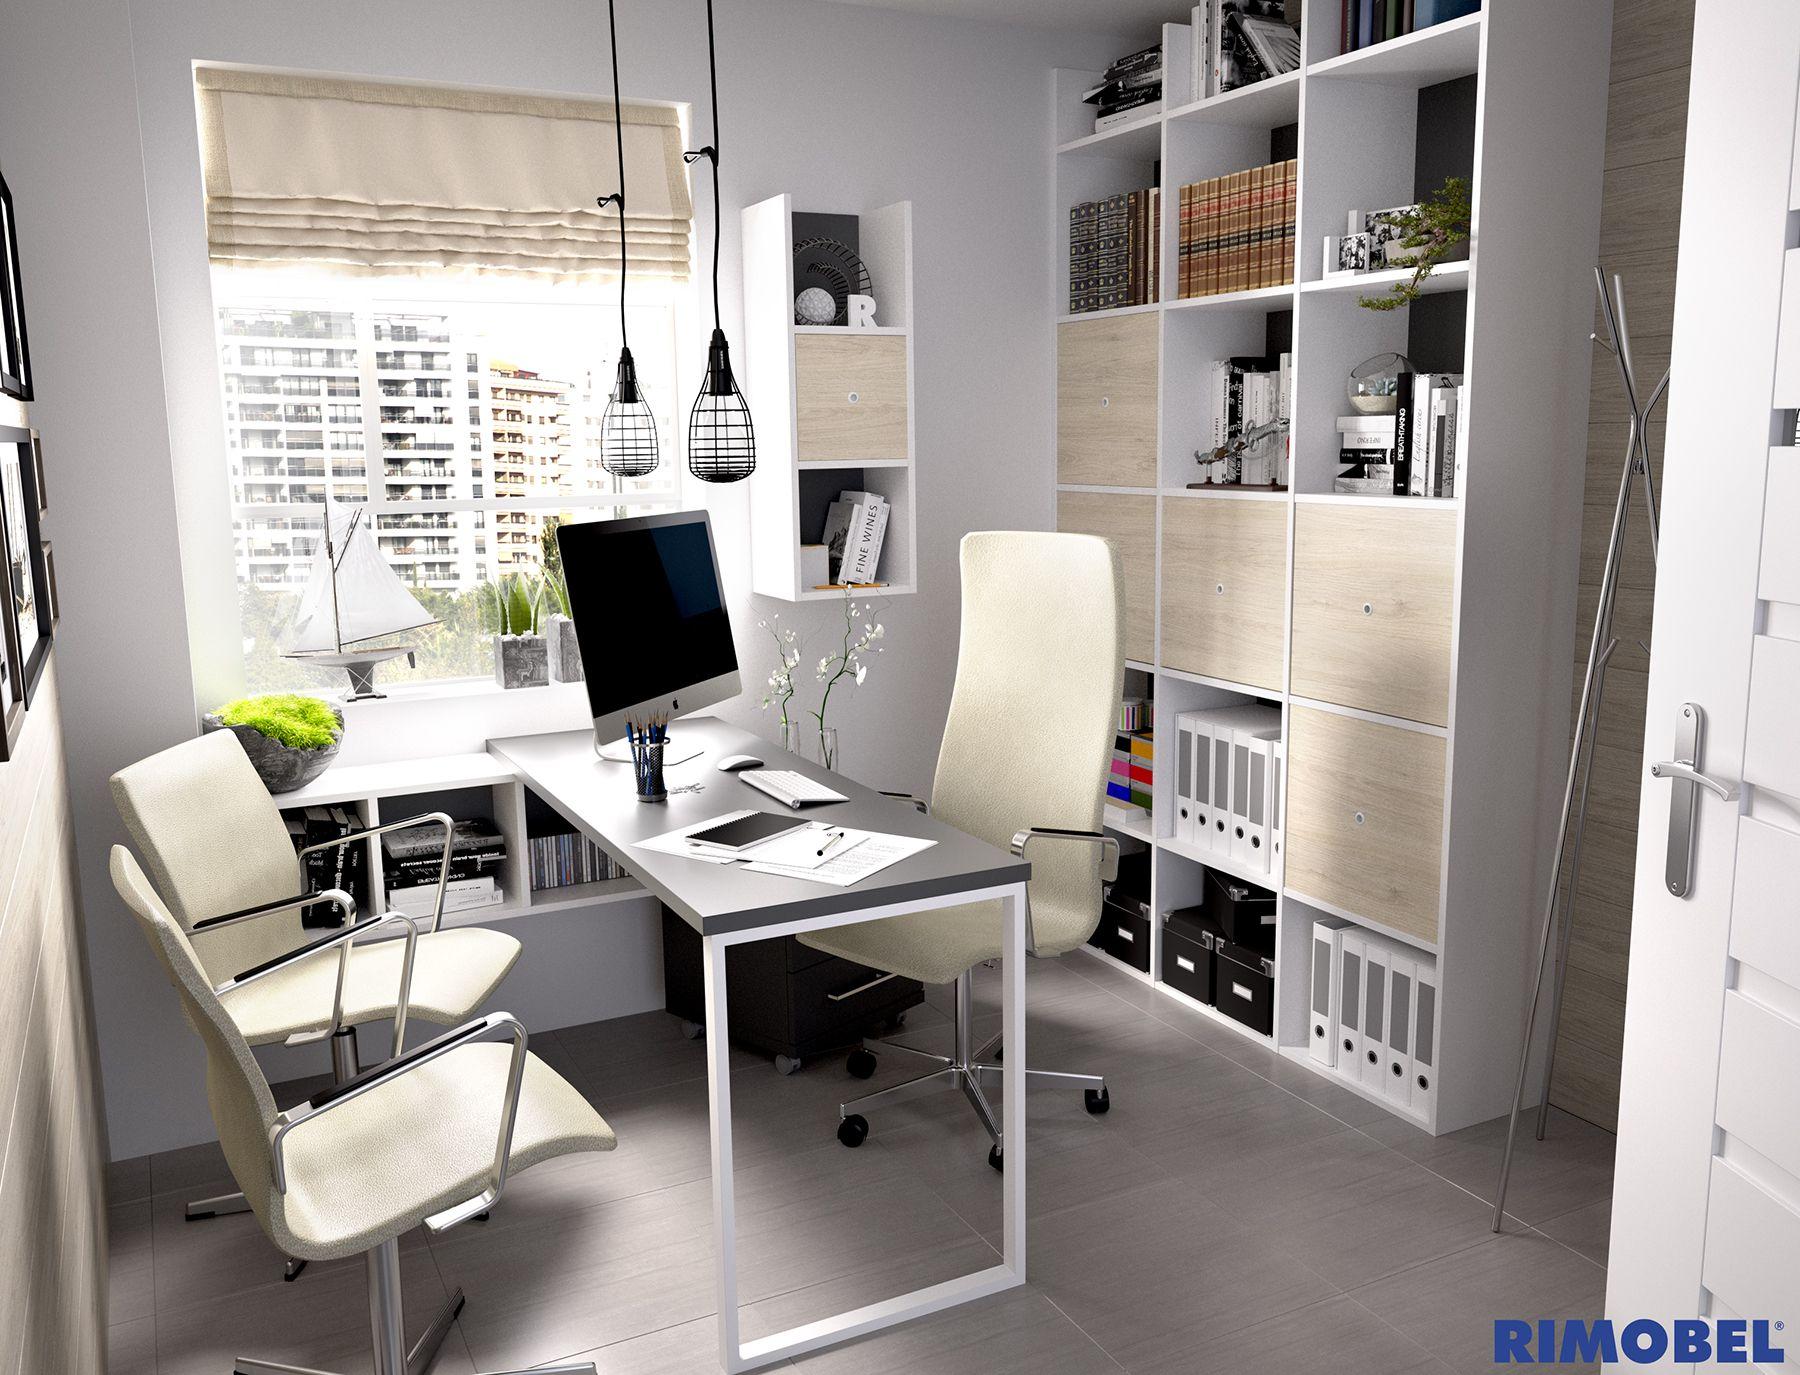 Un despacho porqu no dise a lo que te apetezca con for Disena tu habitacion